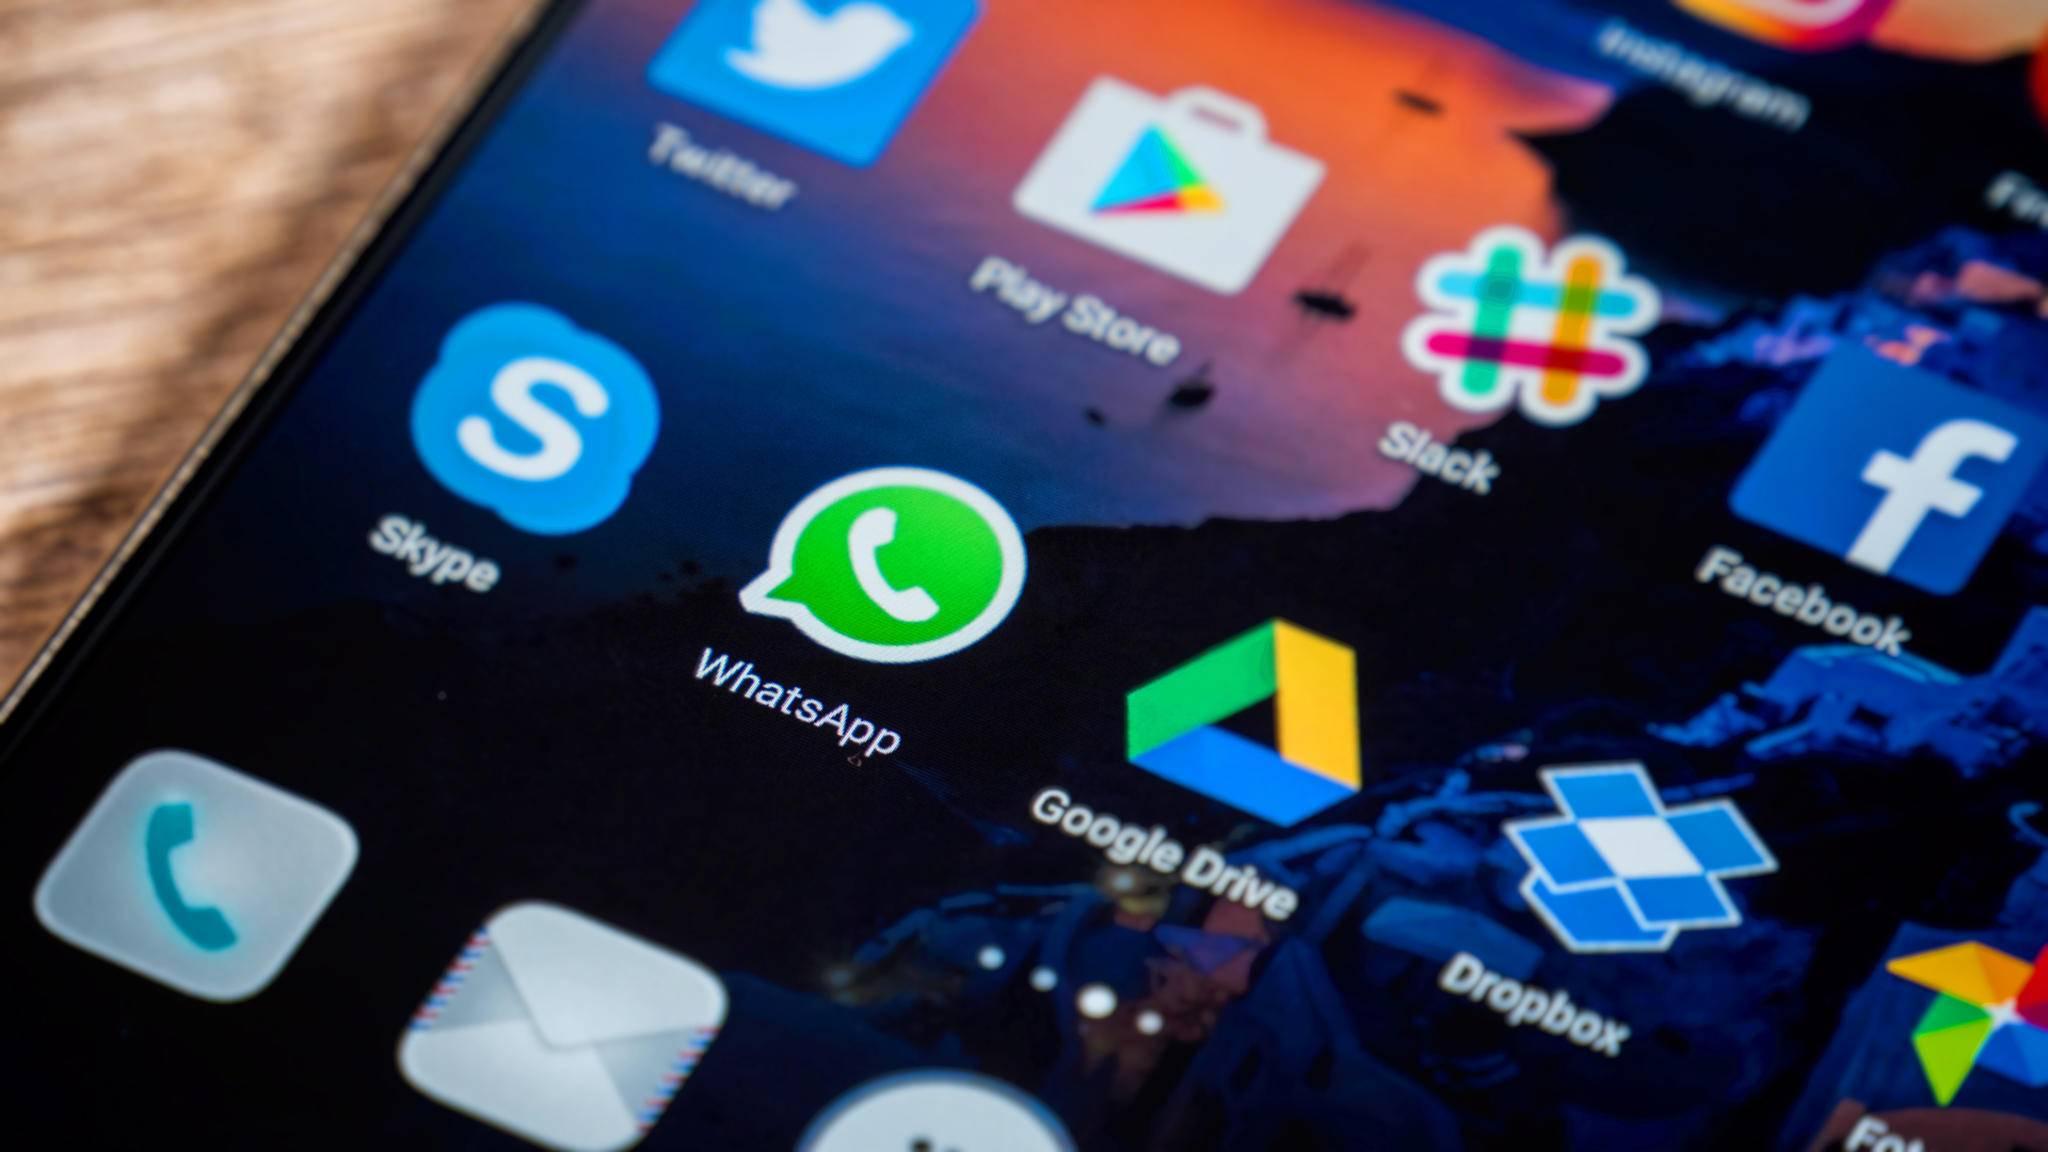 Ist WhatsApp mit einem Google-Konto verknüpft, lassen sich regelmäßige Backups in Google Drive sichern.